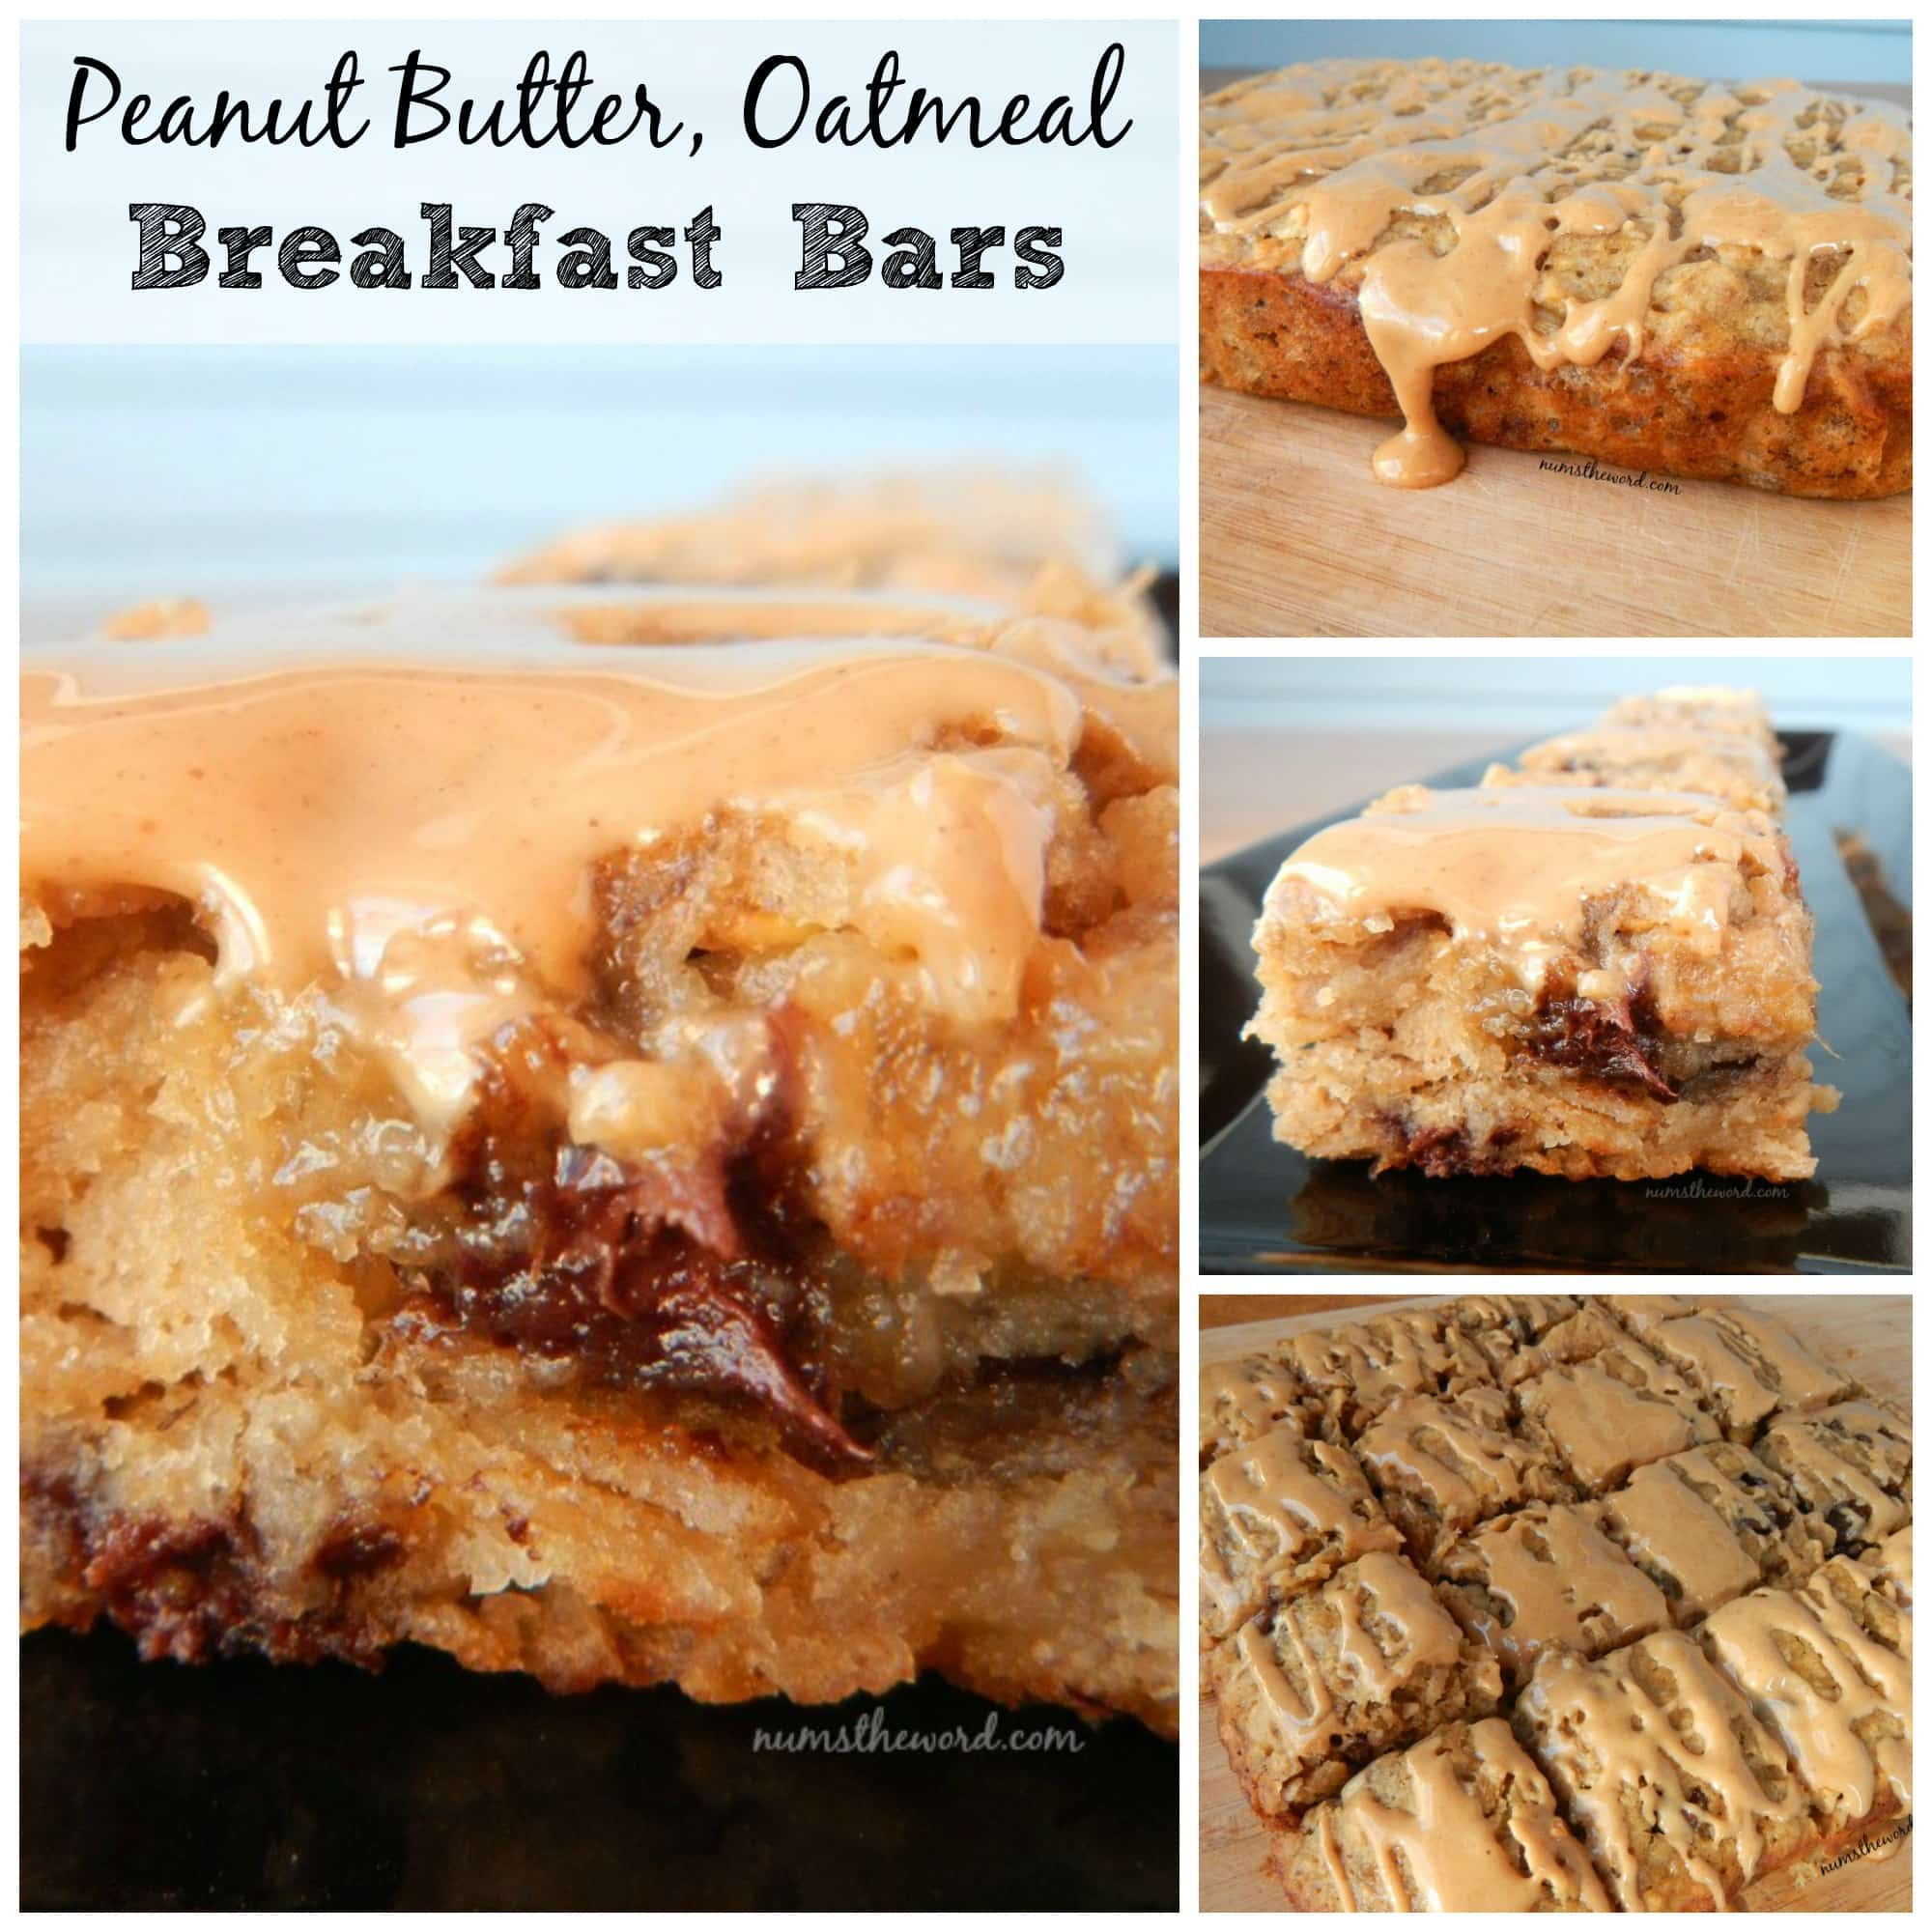 Peanut Butter Oatmeal Breakfast Bars